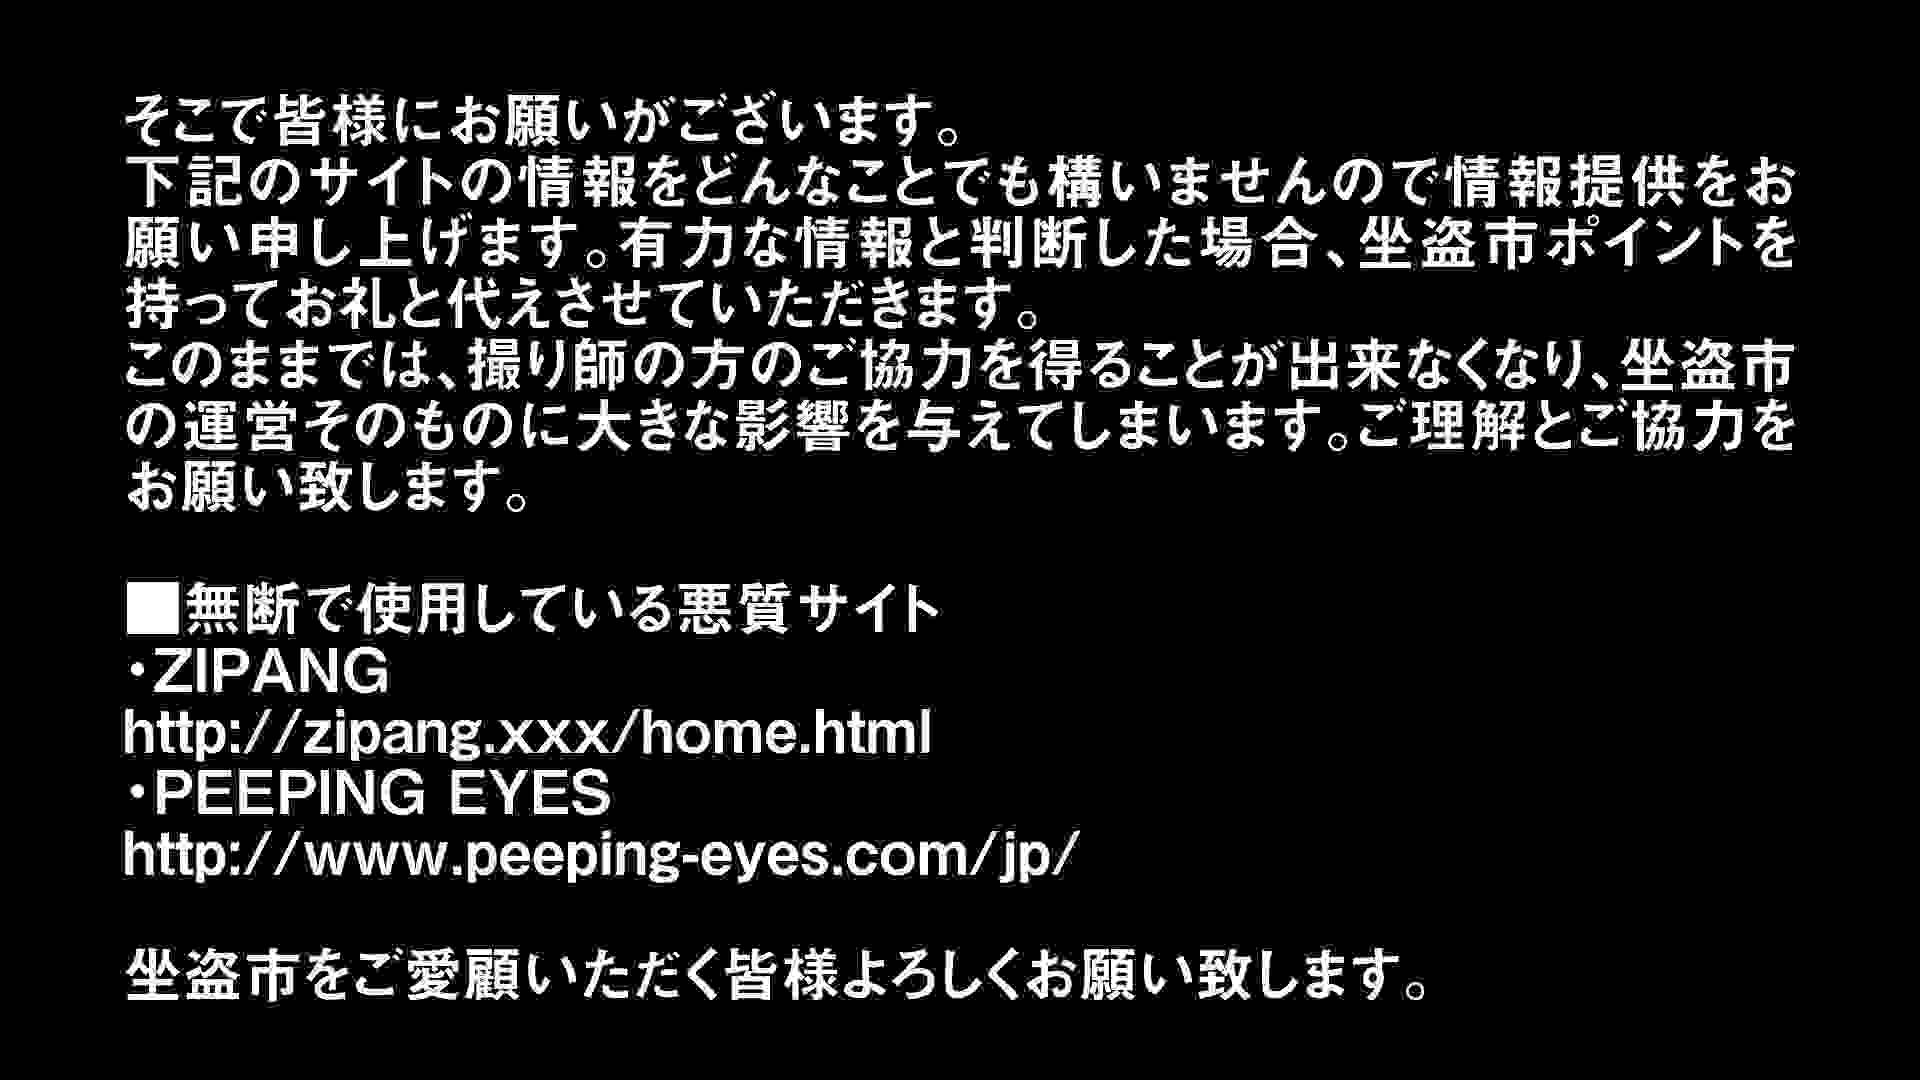 Aquaな露天風呂Vol.296 盗撮シリーズ  102PIX 42